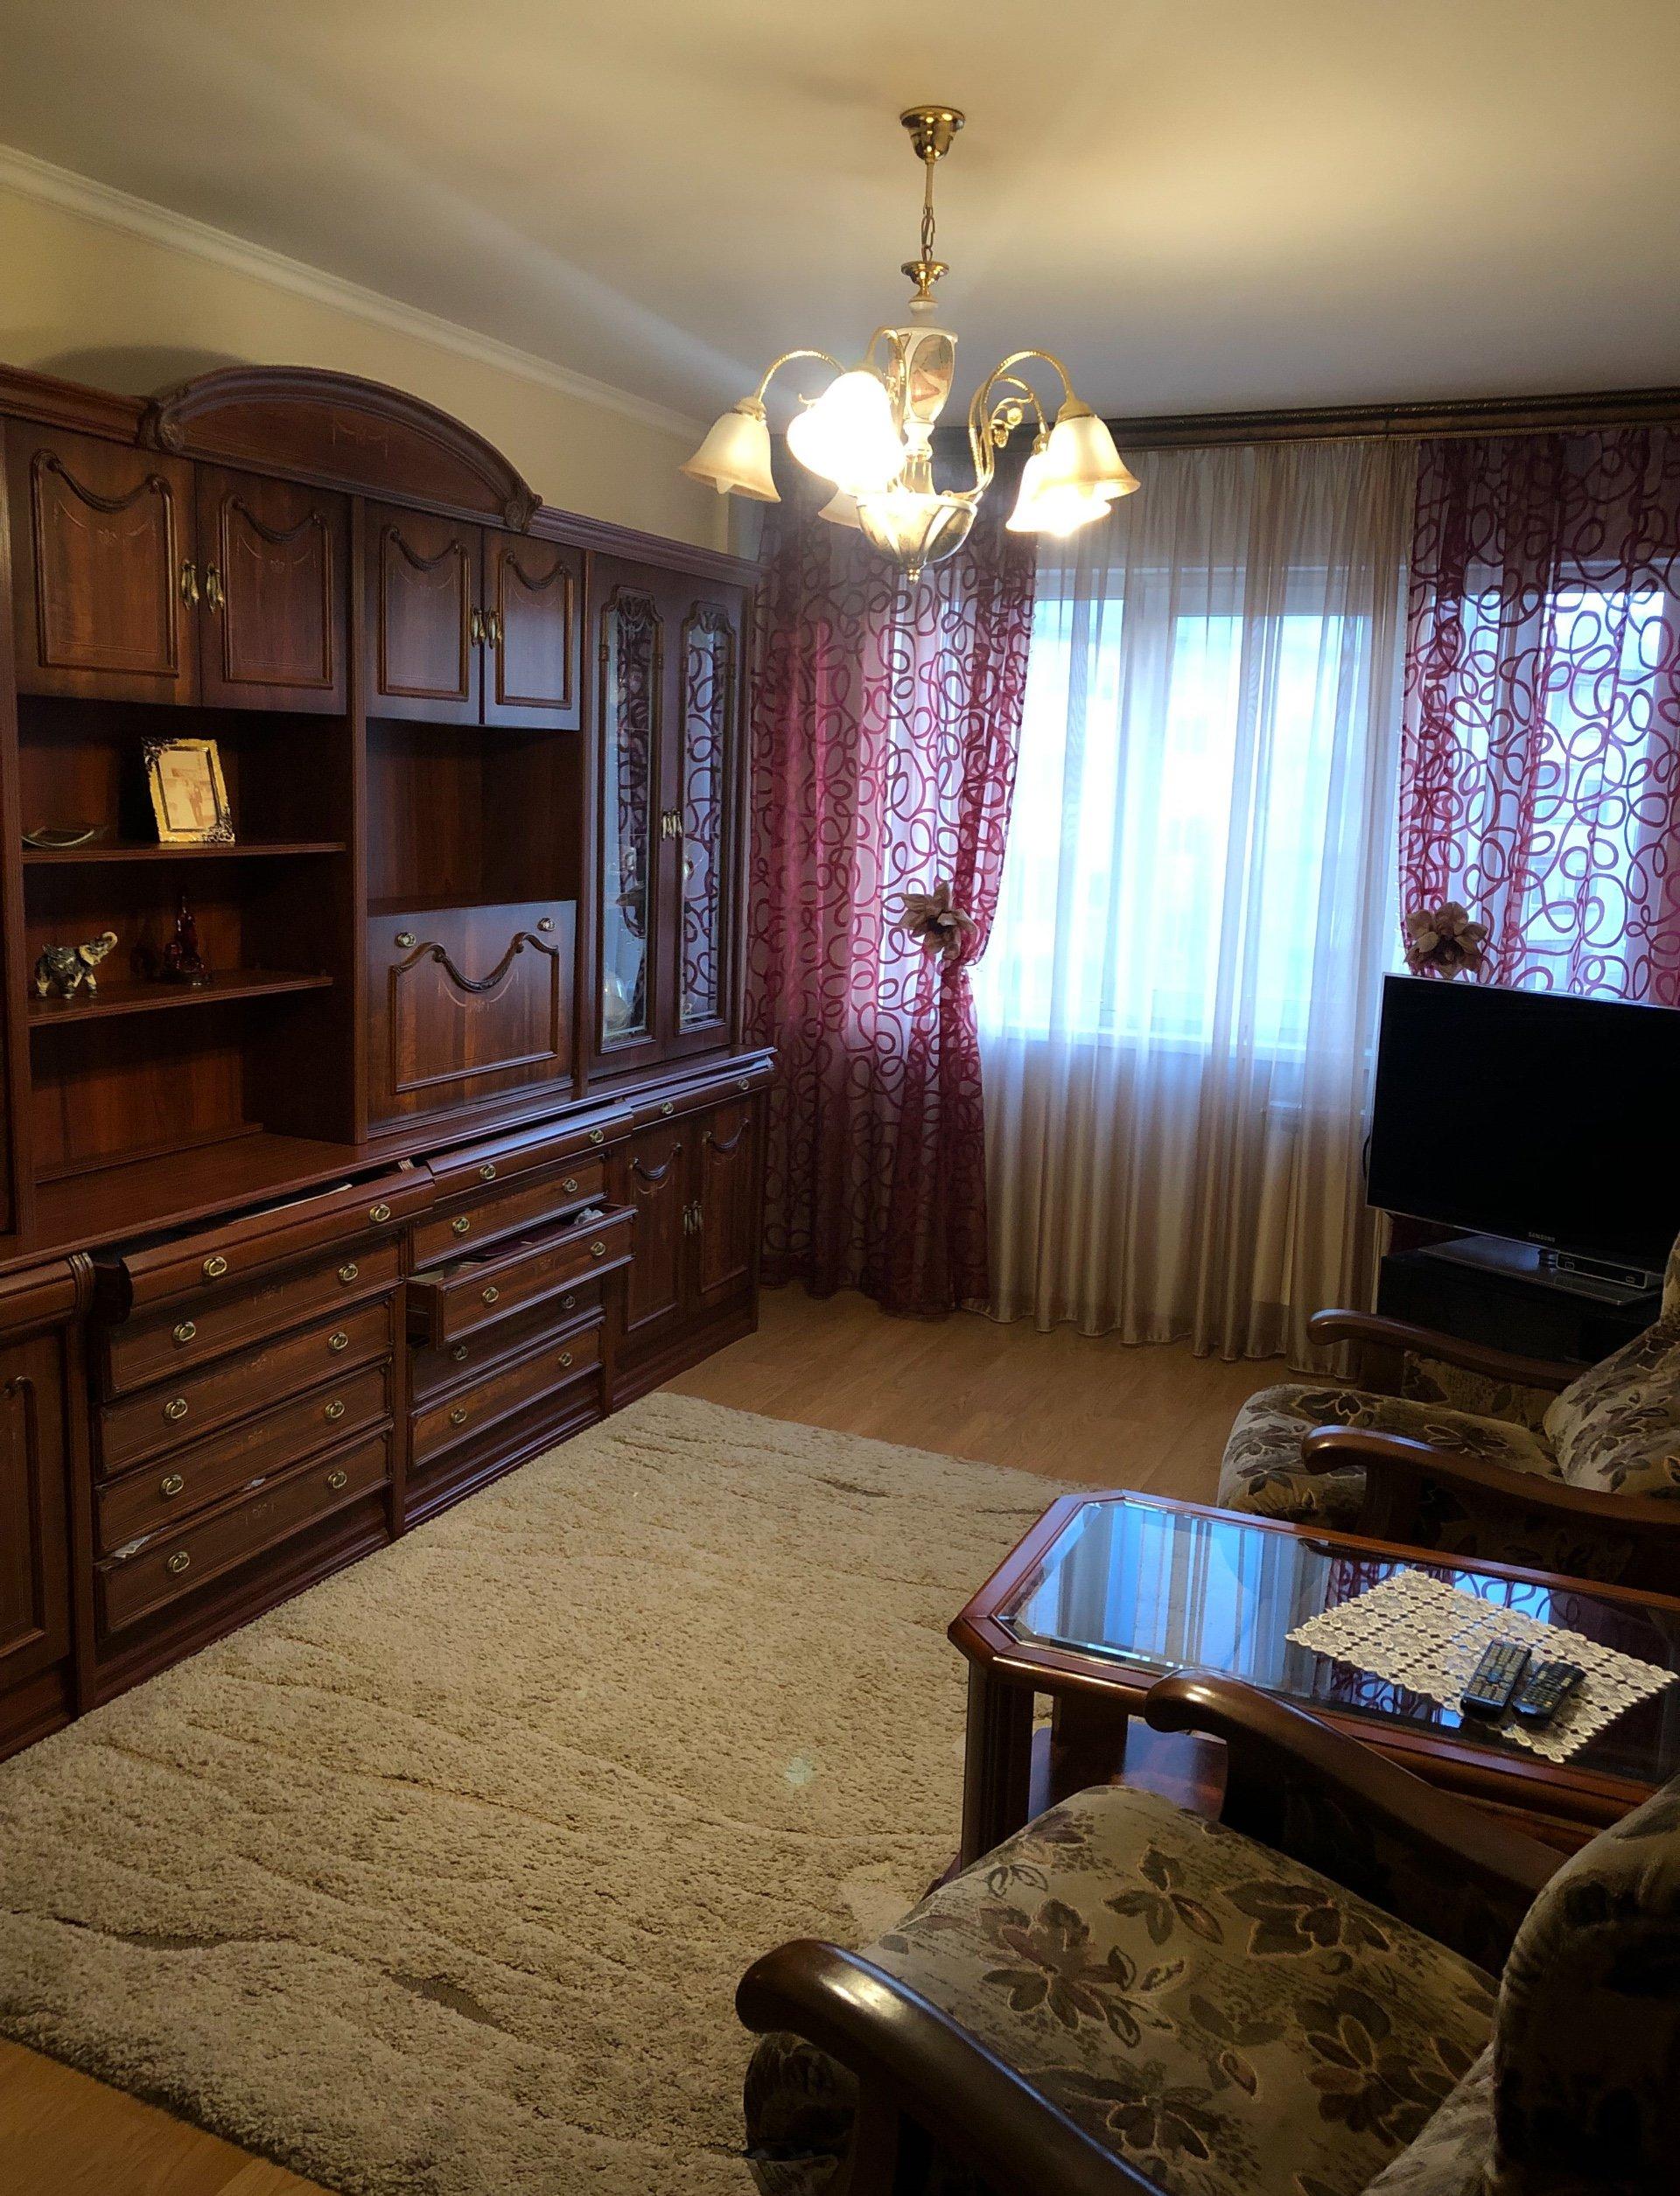 3к квартира ул Александра Матросова, д 7А | 25000 | аренда в Красноярске фото 1